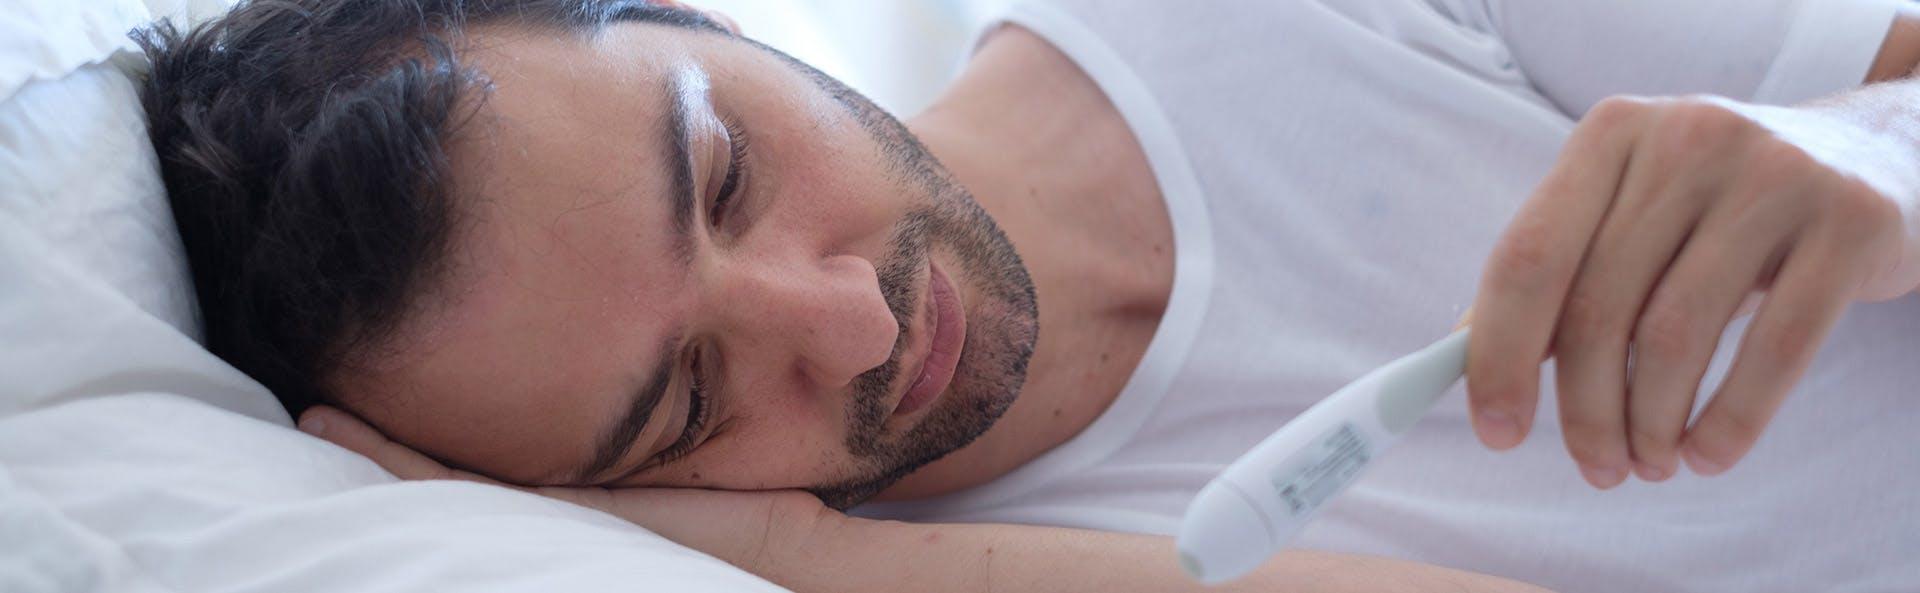 رجل في السرير يعاني من الحمى وارتفاع الحرارة